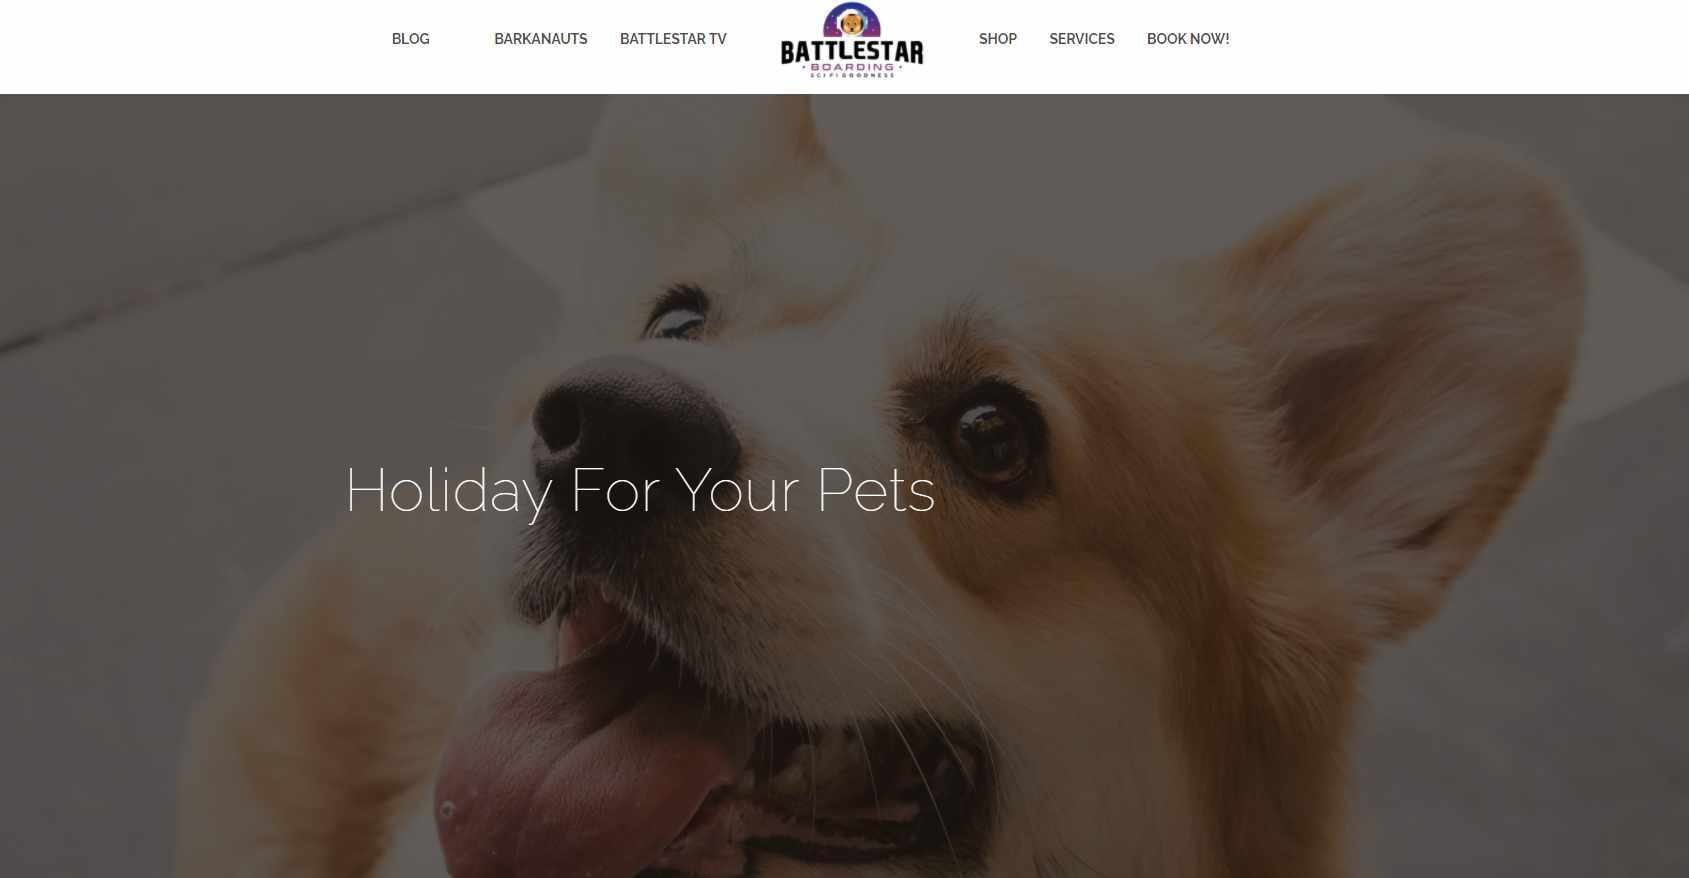 BAttlestar Boarding Top Pet Hotels in Singapore